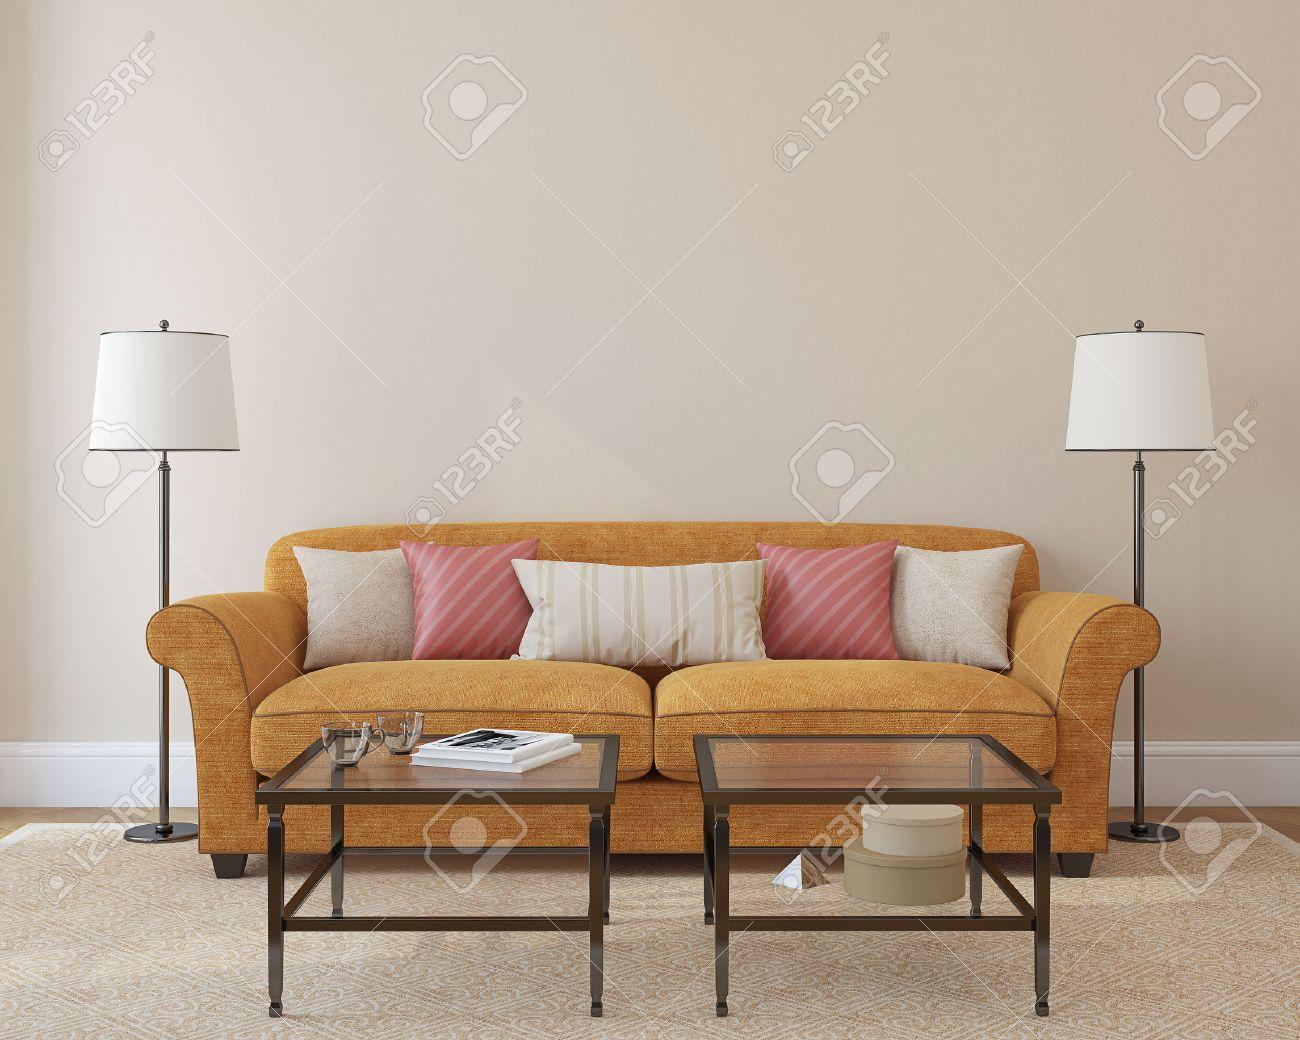 Moderne Wohnzimmer Innenraum Mit Orange Couch In Der Nähe Leer Beige ...